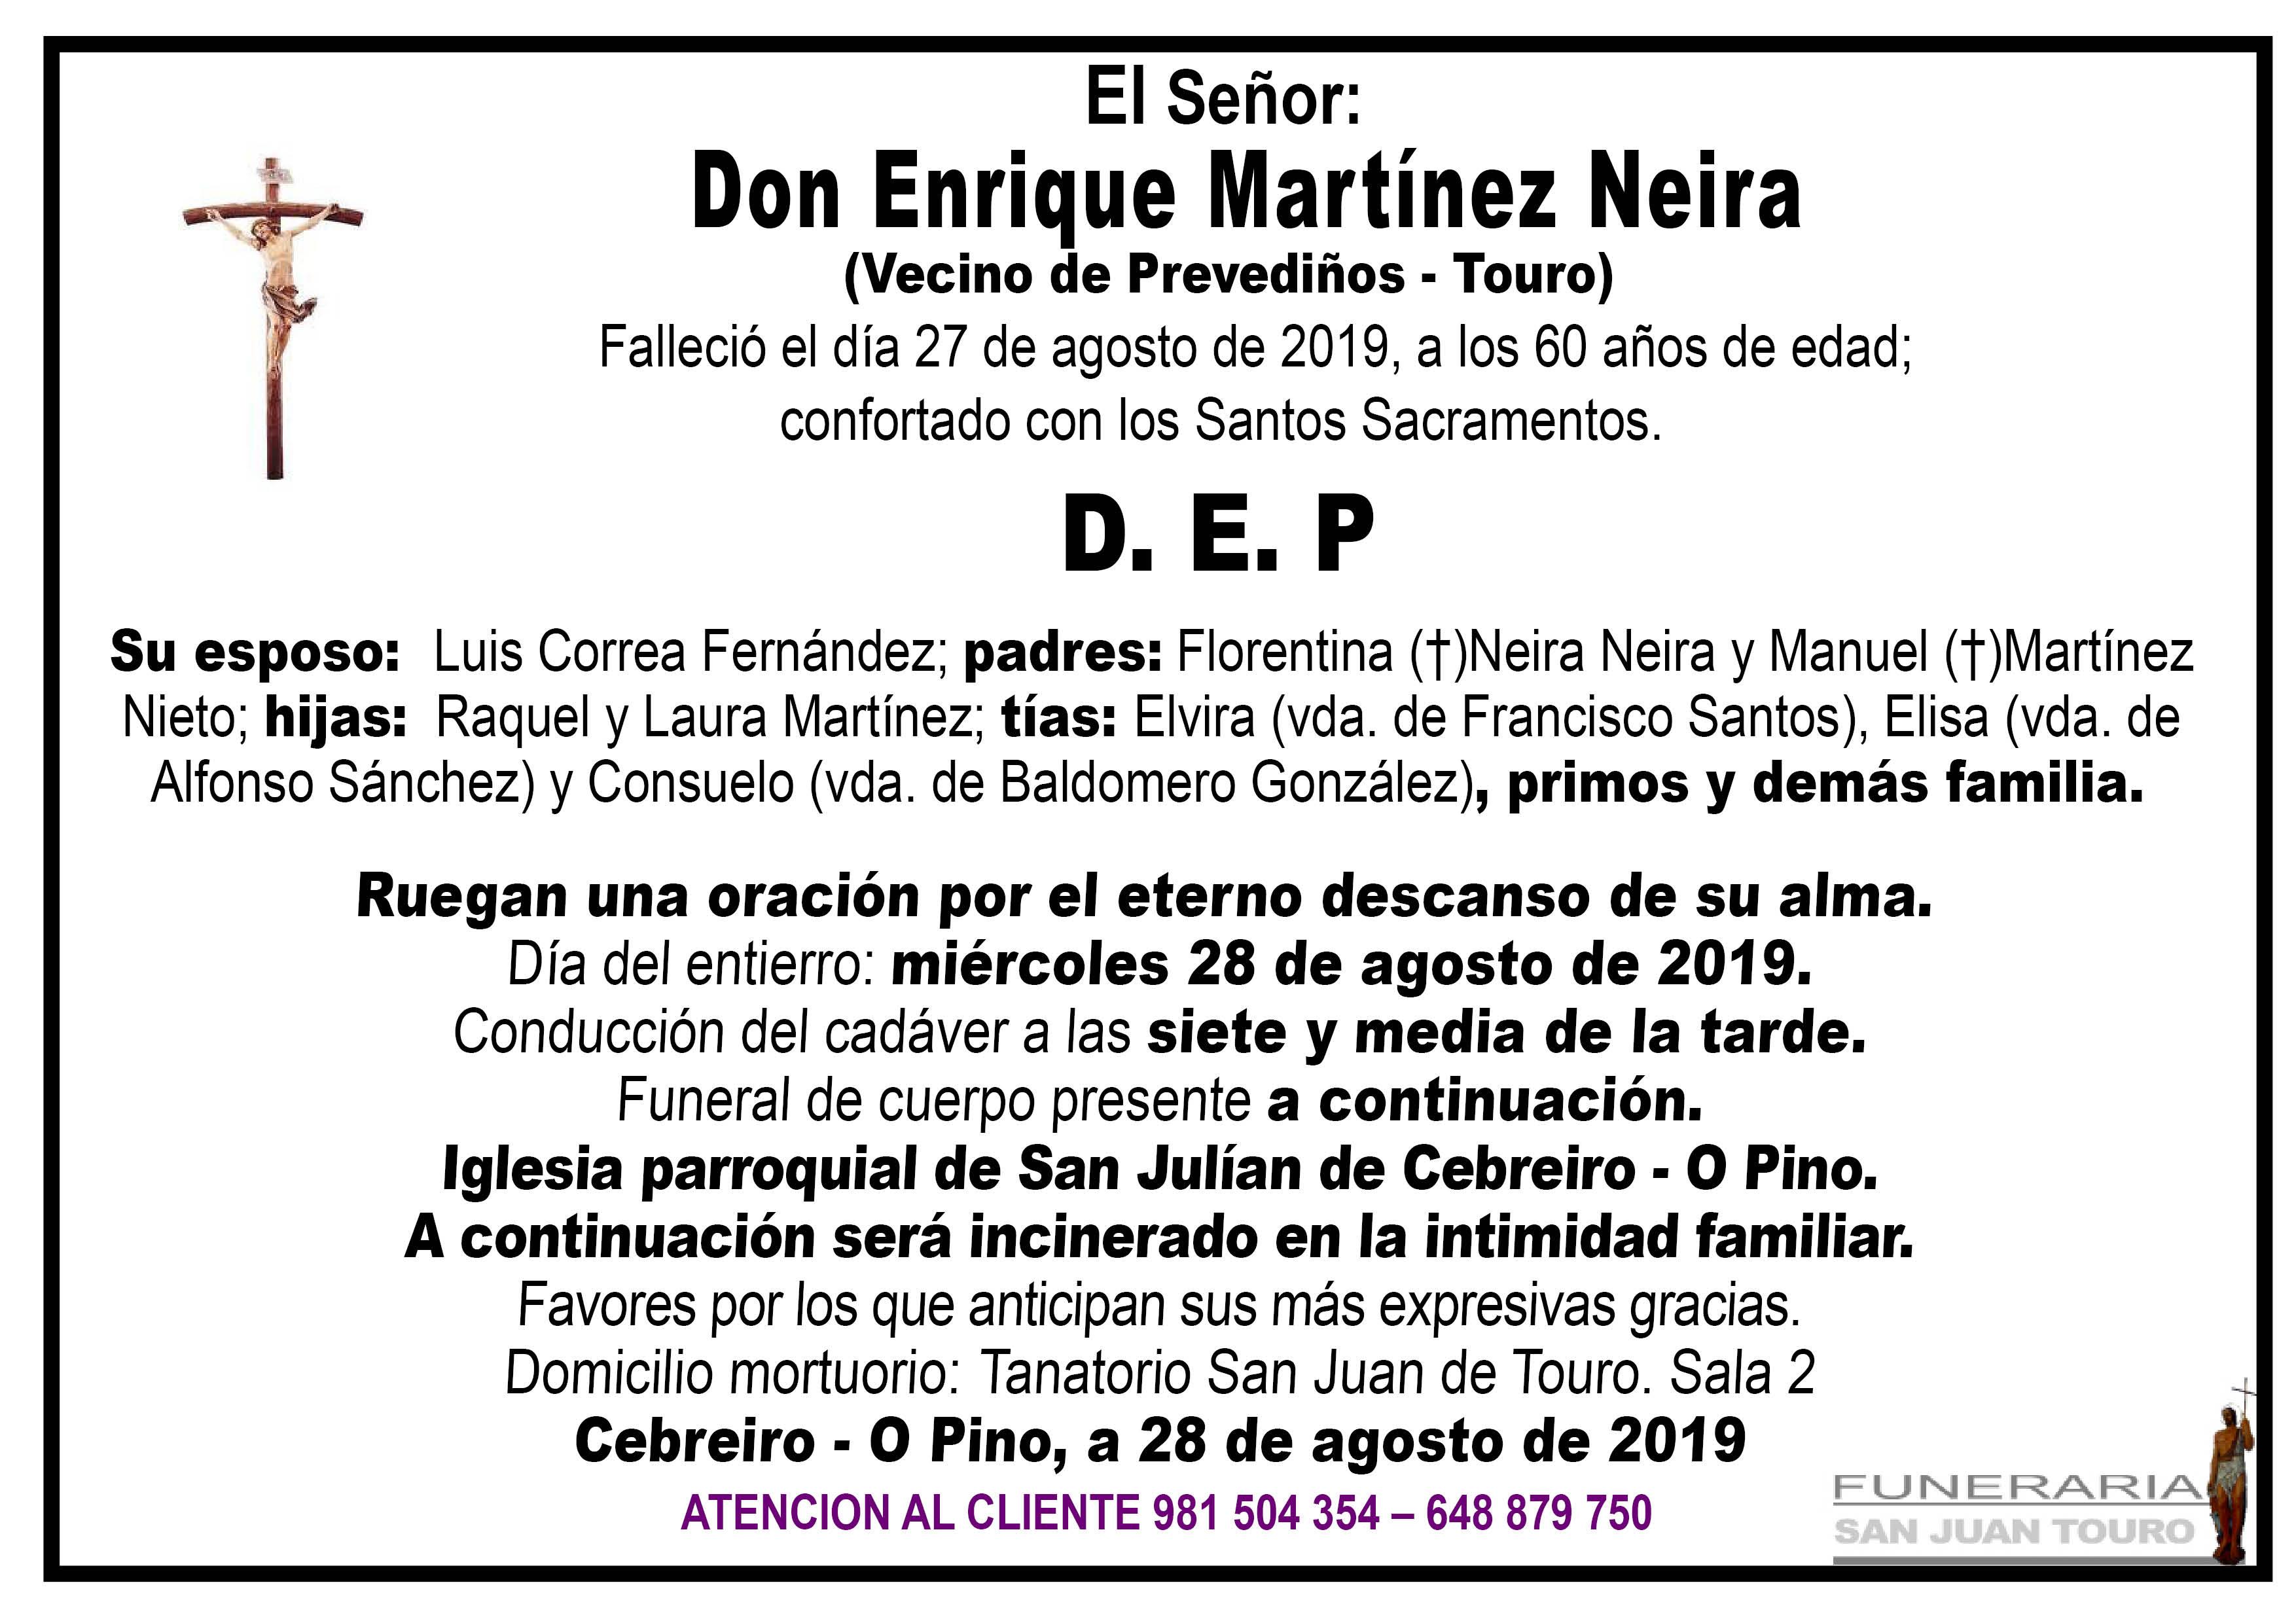 Esquela de SEPELIO DE DON ENRIQUE MARTÍNEZ NEIRA